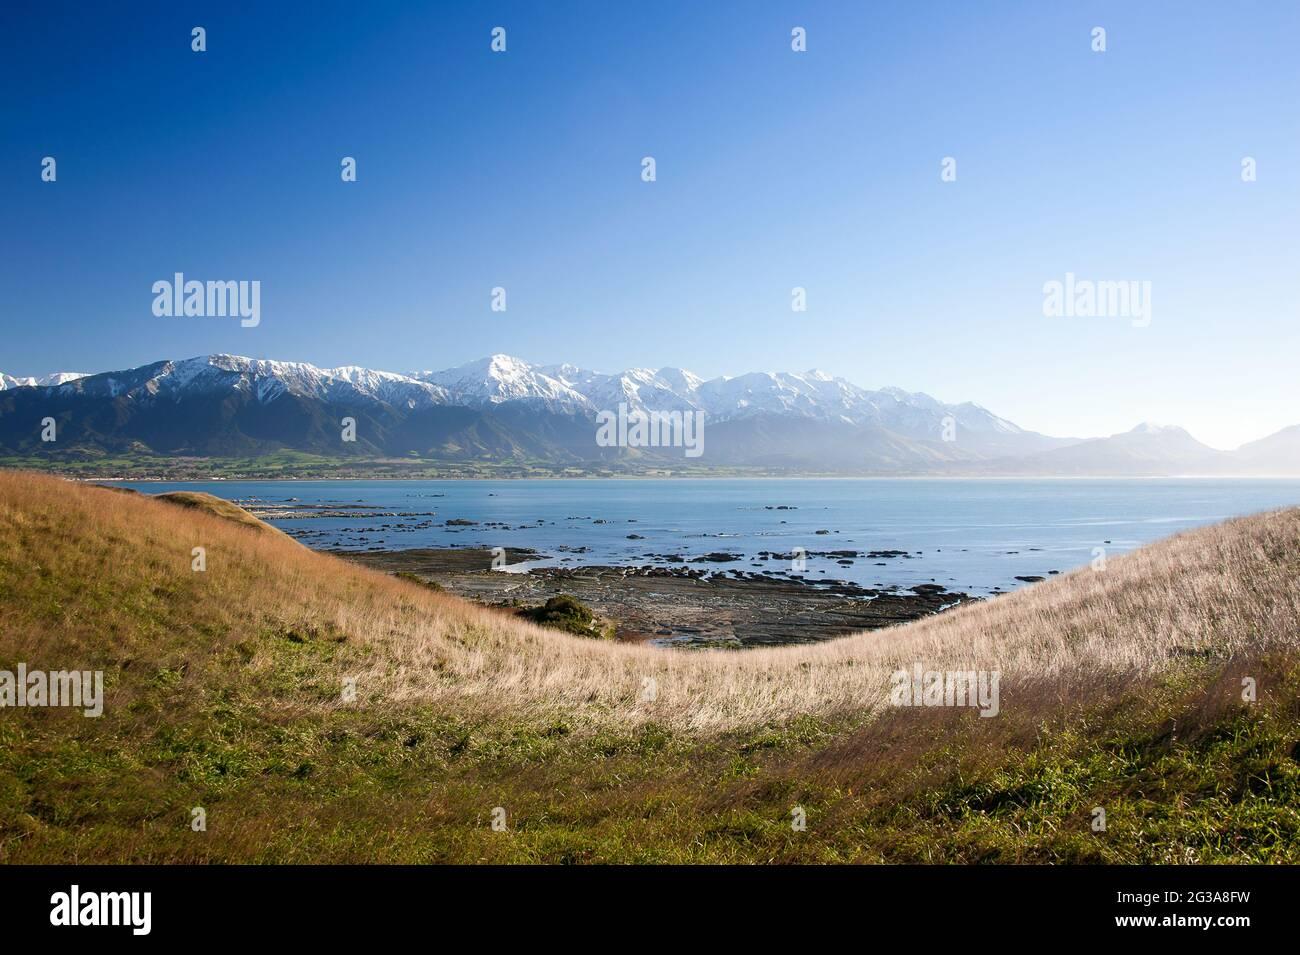 Côte de Kaikoura, Canterbury, Nouvelle-Zélande. Vue panoramique depuis une colline herbeuse, la péninsule de Kaikoura traverse la baie jusqu'aux montagnes enneigées Banque D'Images